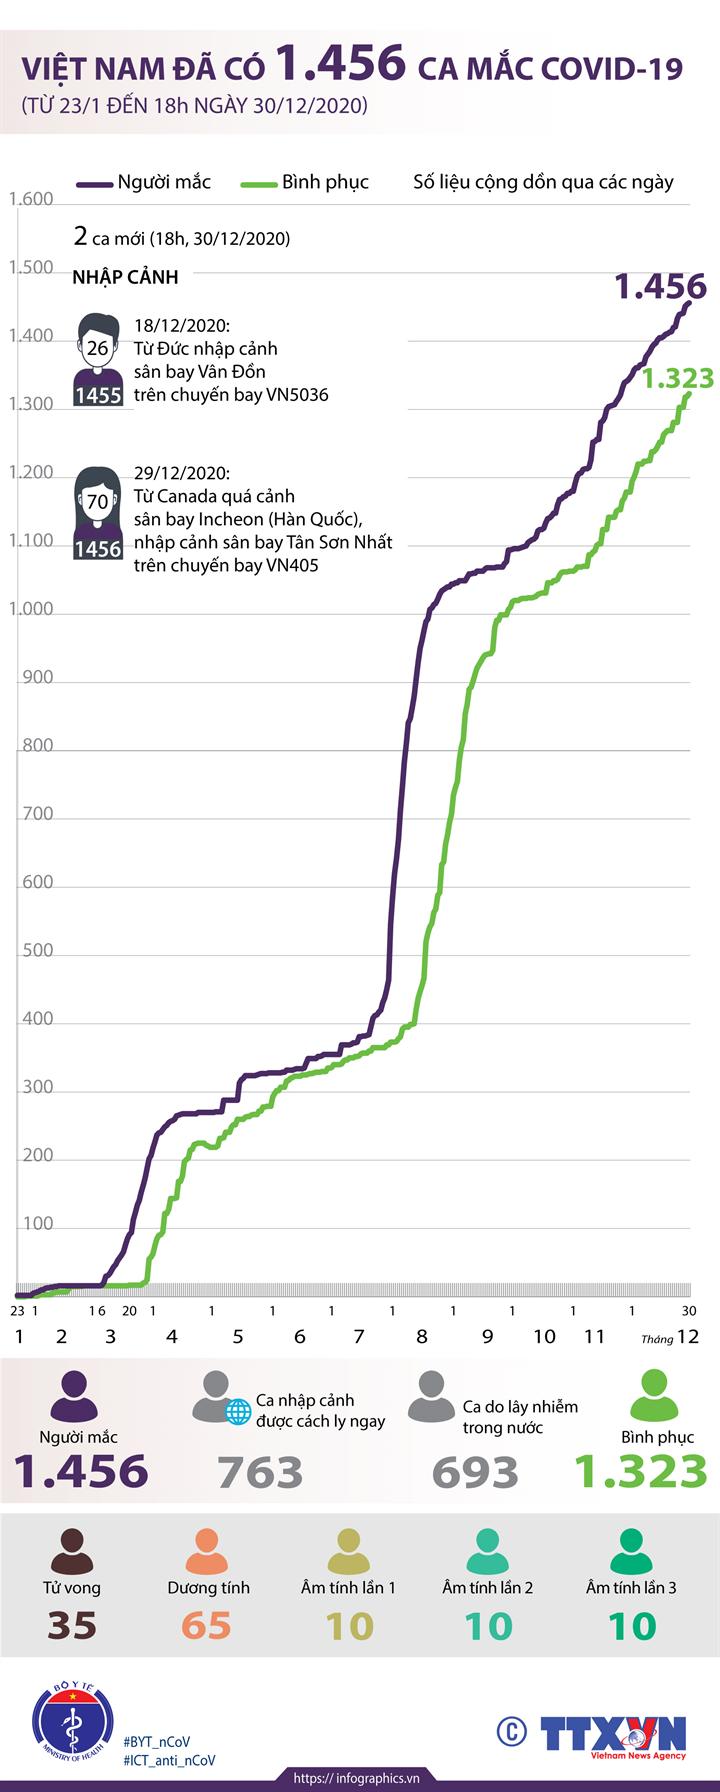 Việt Nam đã có 1.456 ca mắc COVID-19 (từ 23/1 đến 18h ngày 30/12/2020)